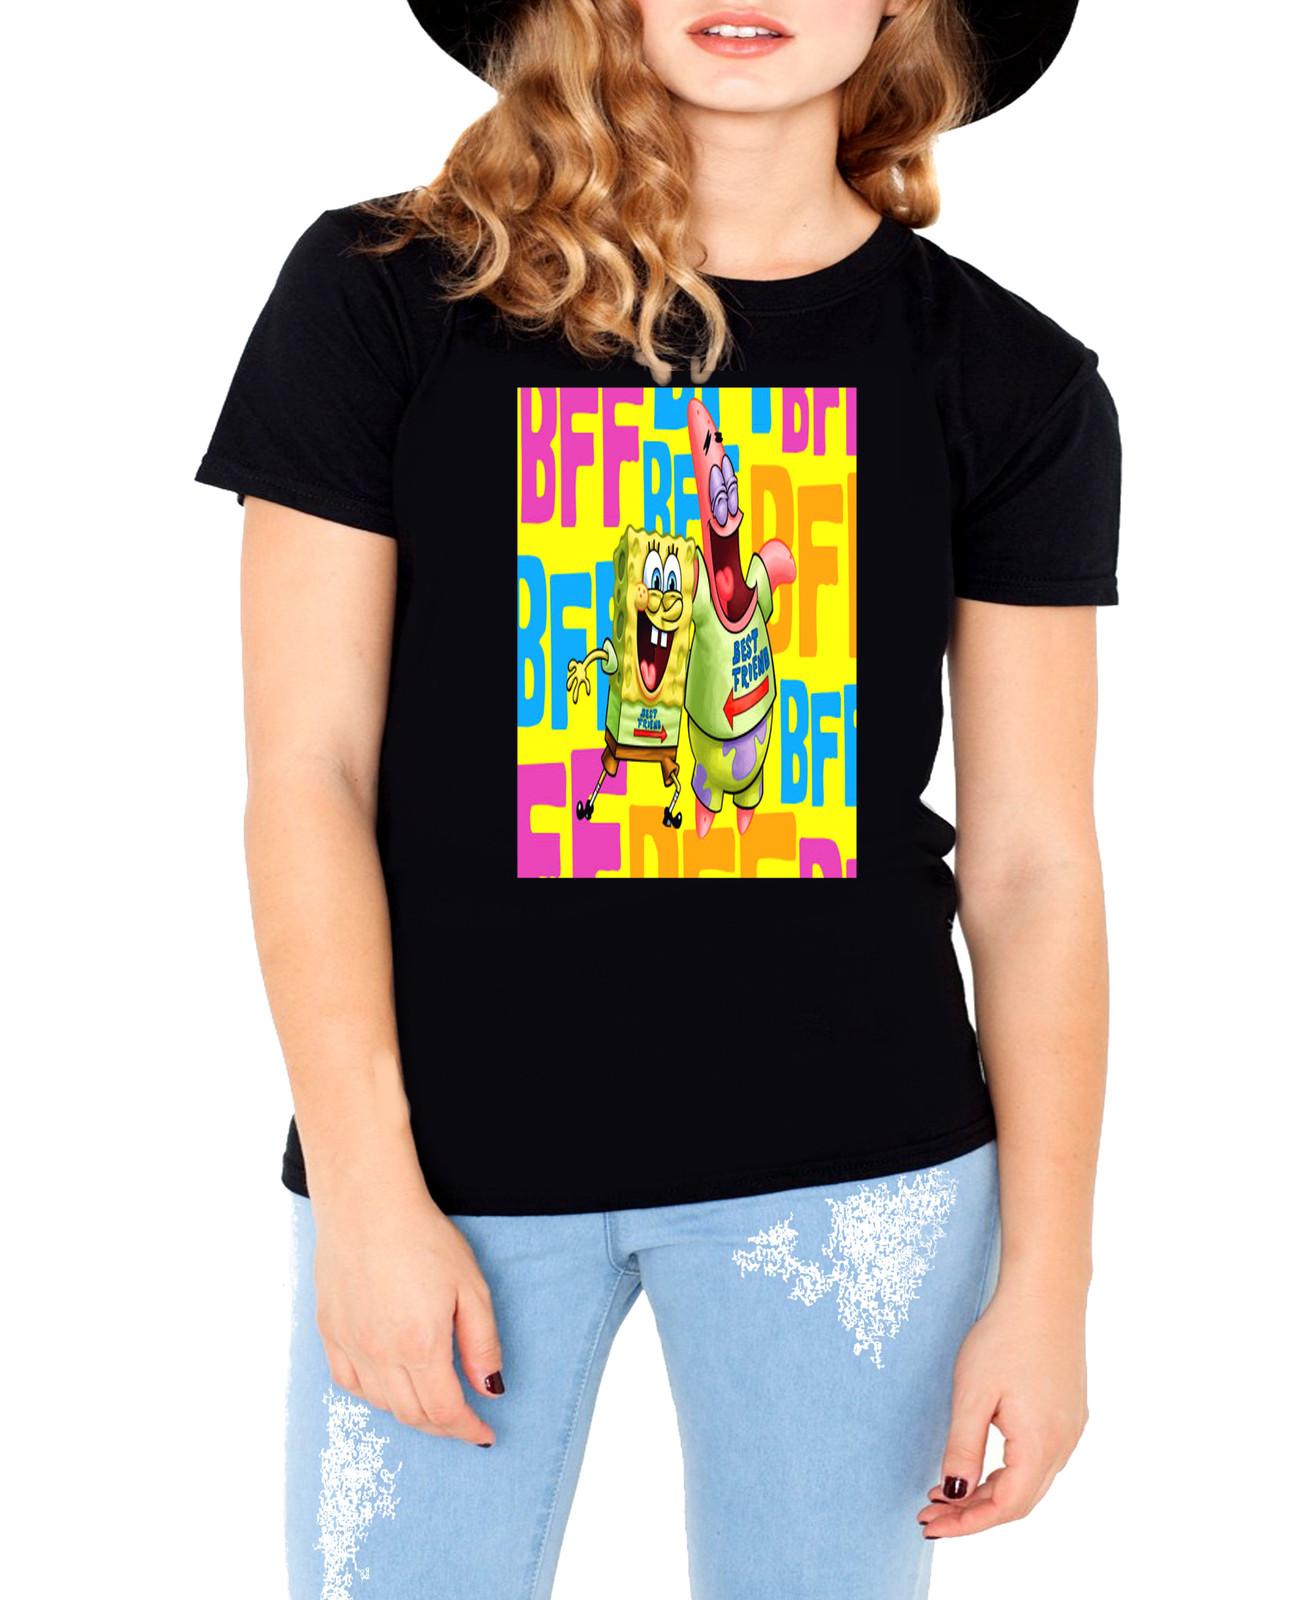 Sponge bob black t shirt3